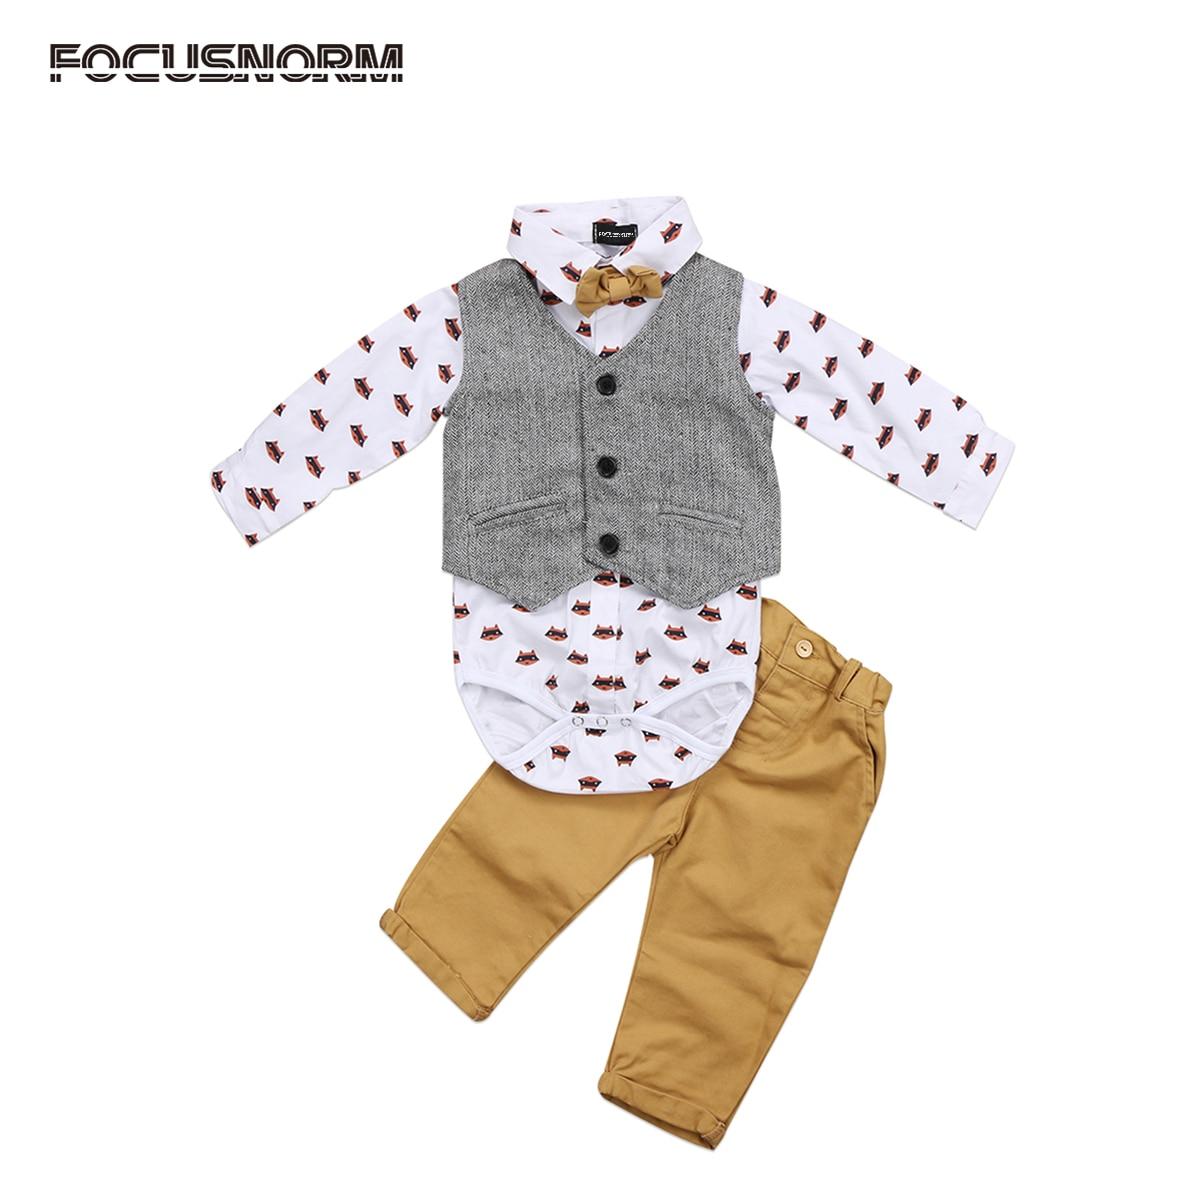 Pyjama-garnituren Hosen Haushalts Pyjama Kleidung Set 0-18 Mt Nachtwäsche & Nachthemden 2 Pcstoddler Baby Junge Elefanten Tiere Nachtwäsche Langarm Outfit Tops